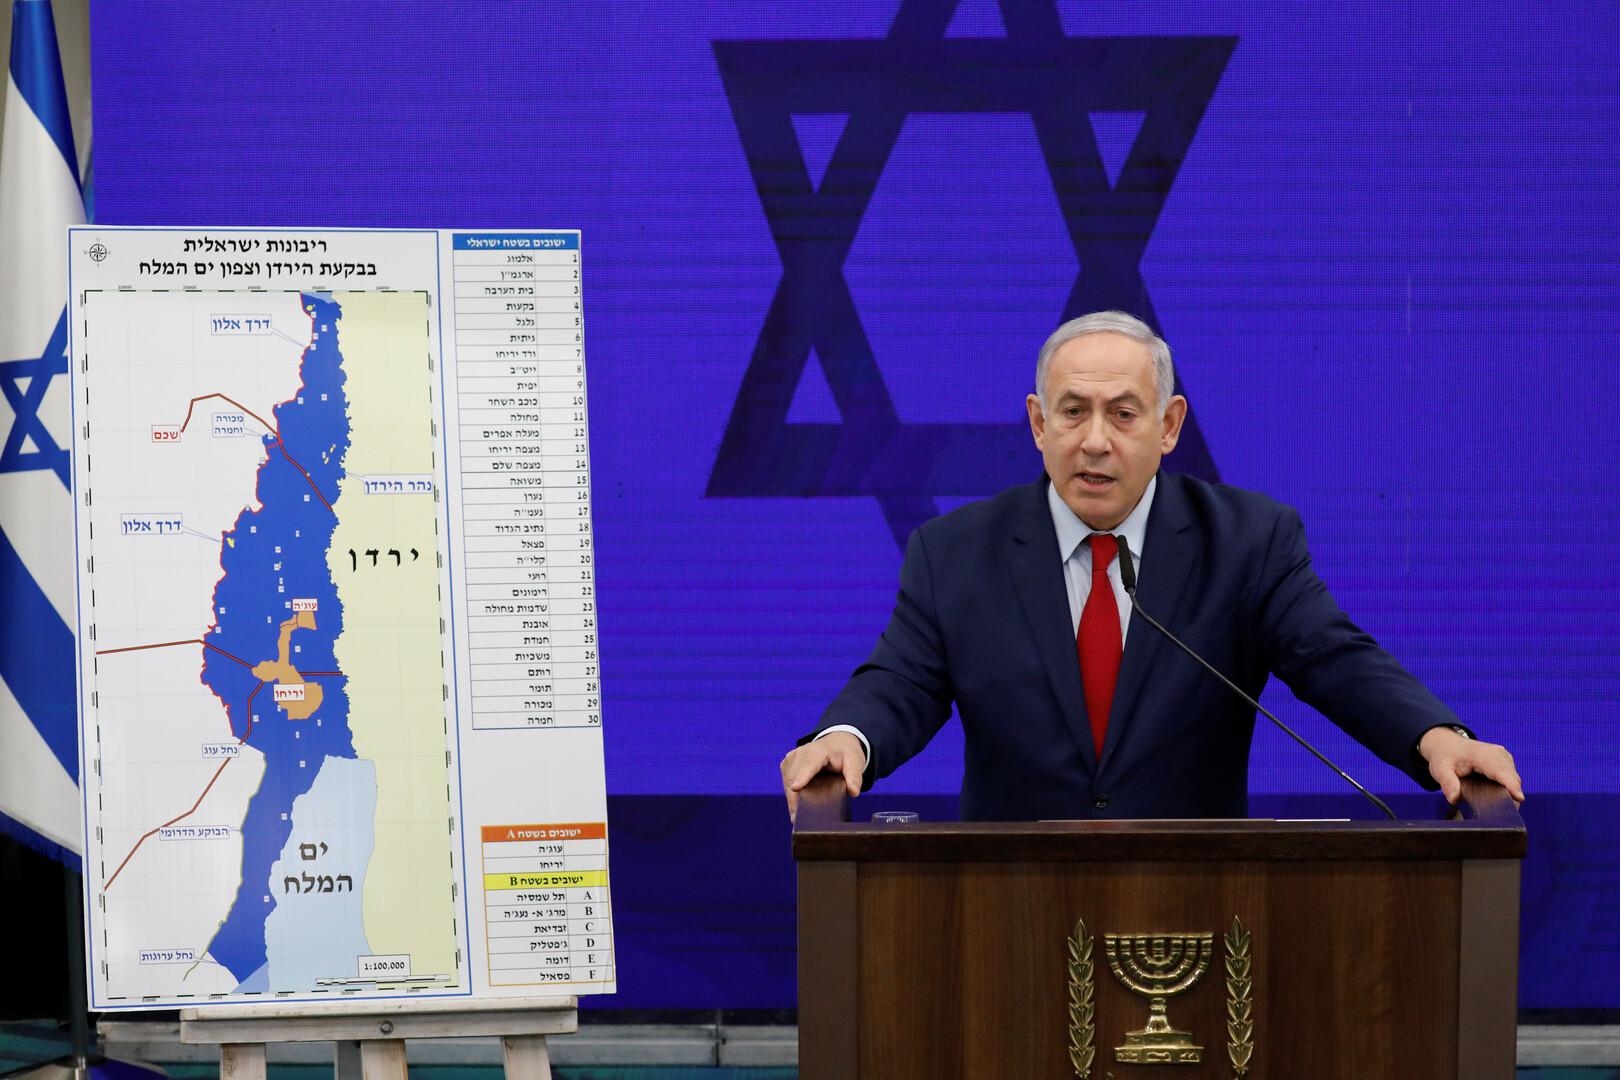 خمس دول أوروبية تصدر بيانا مشتركا بشأن وعد نتنياهو ضم أجزاء من الضفة الغربية